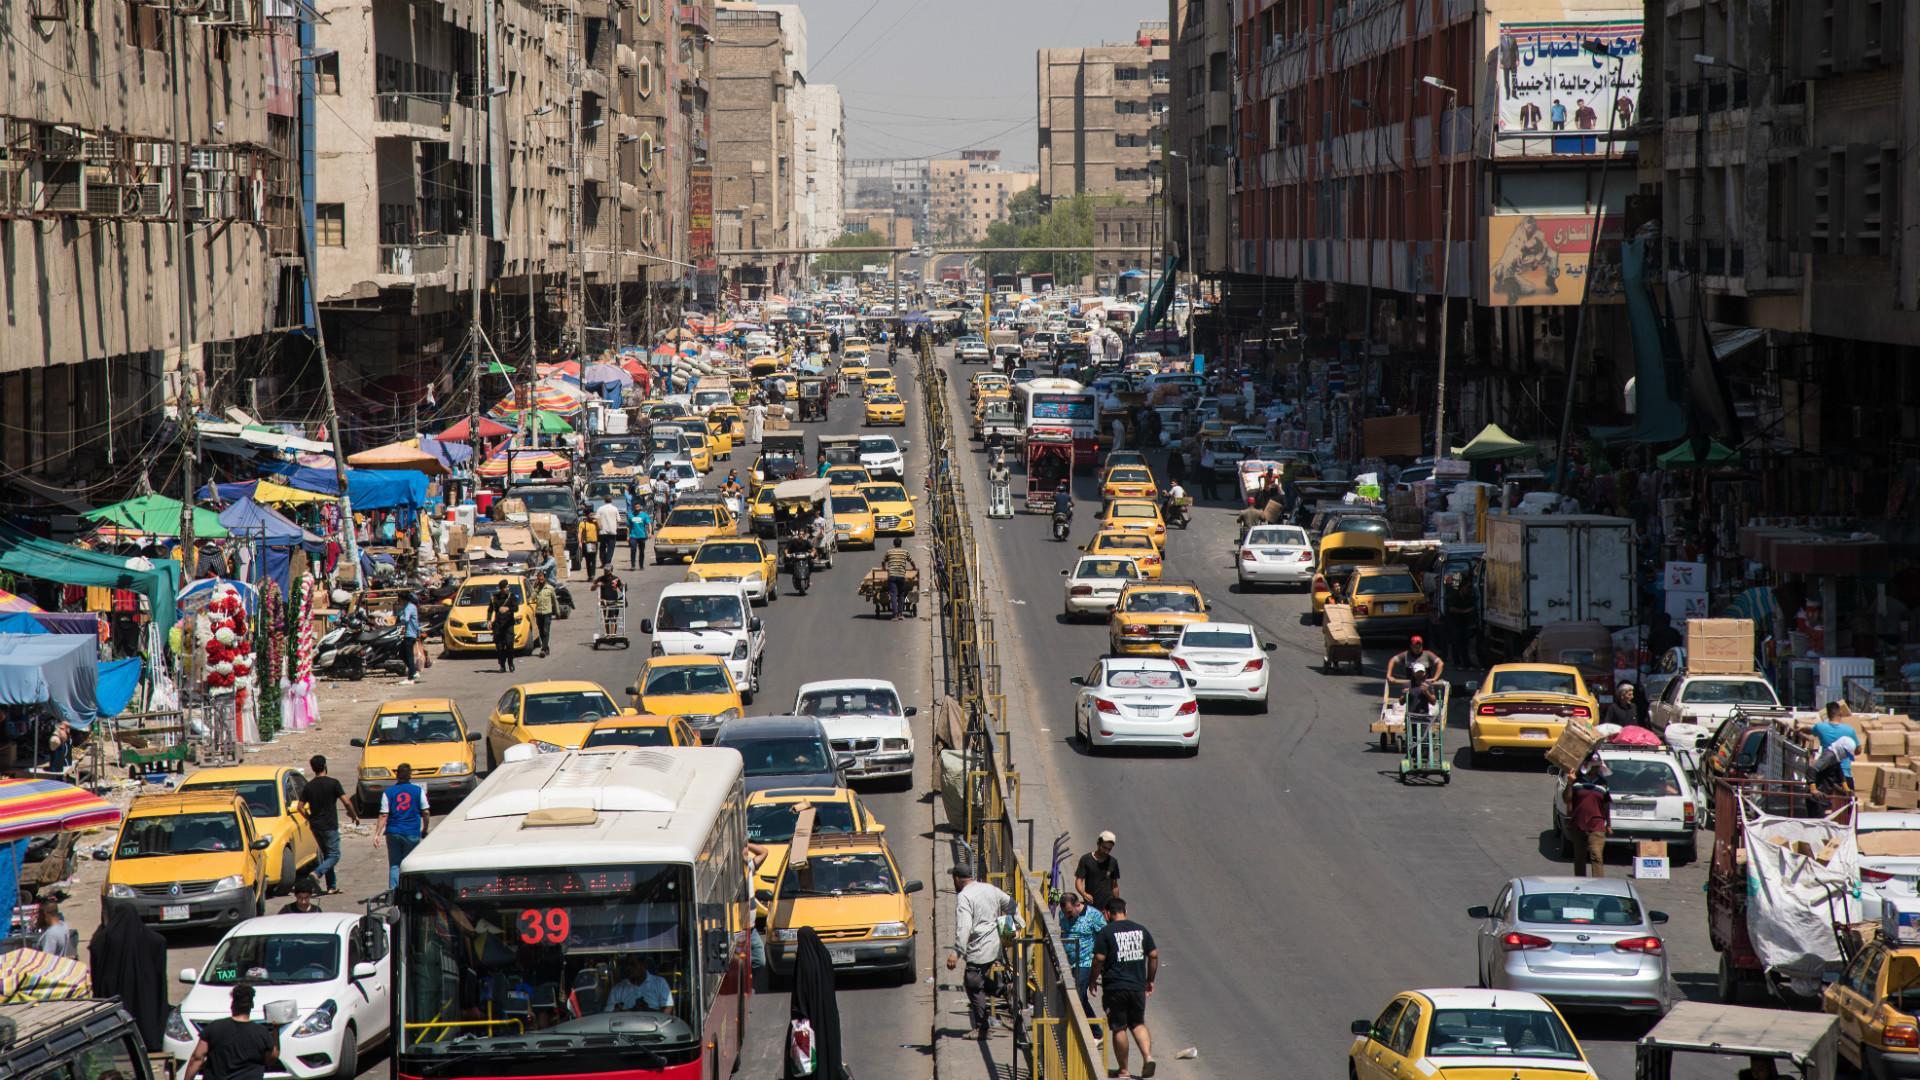 مديرية المرور تمنع استخدام السيارات الخاصة للأجرة